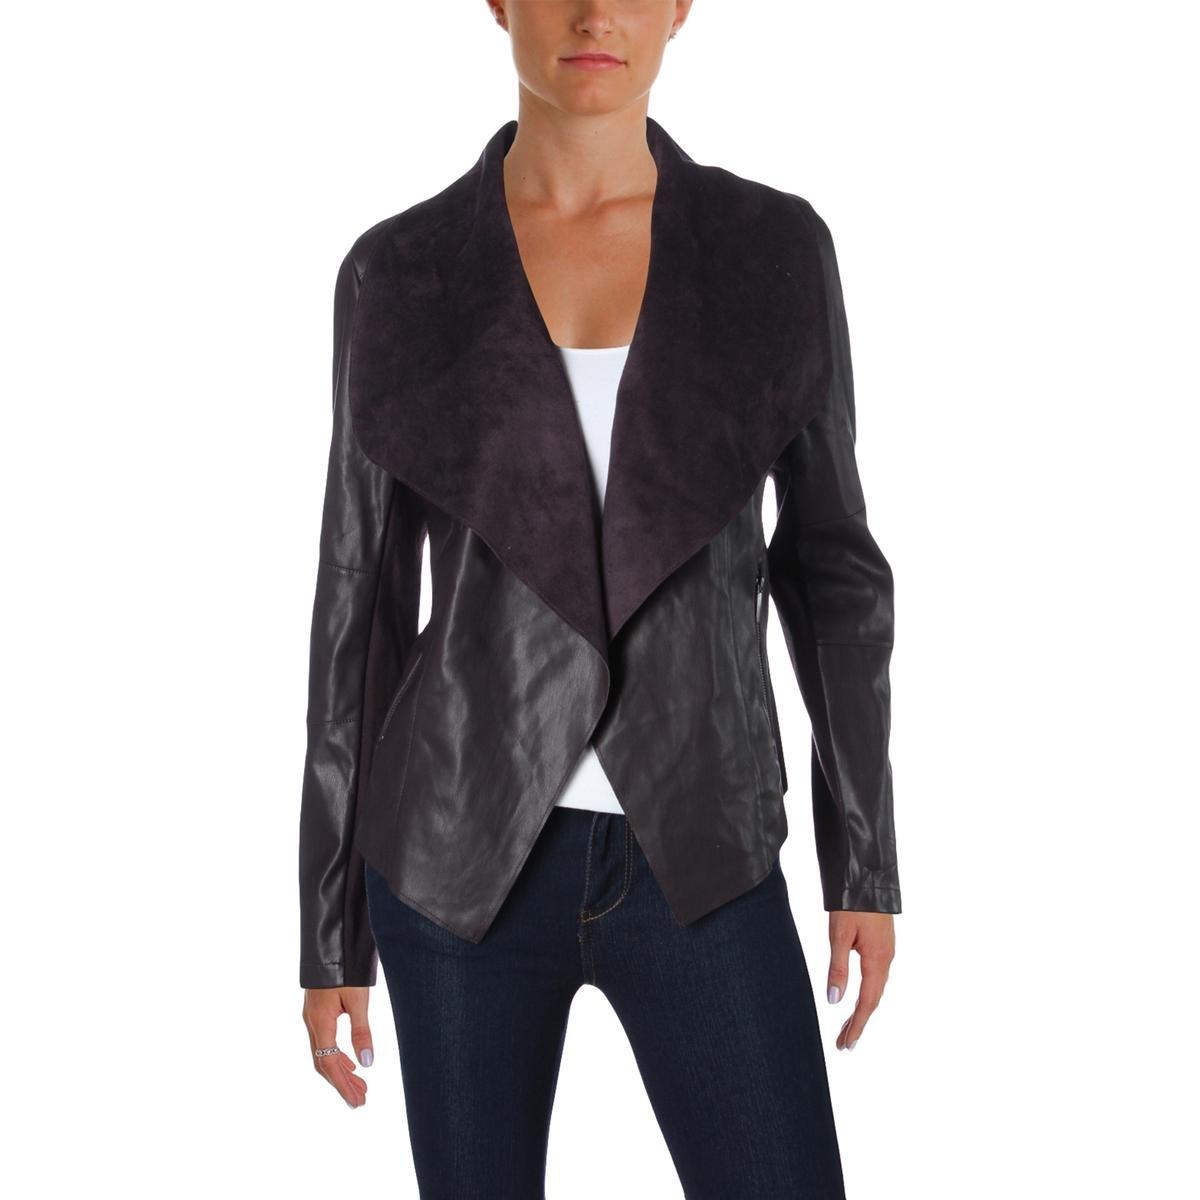 Deep Merlot Bar III Womens Faux Leather Open Front Jacket